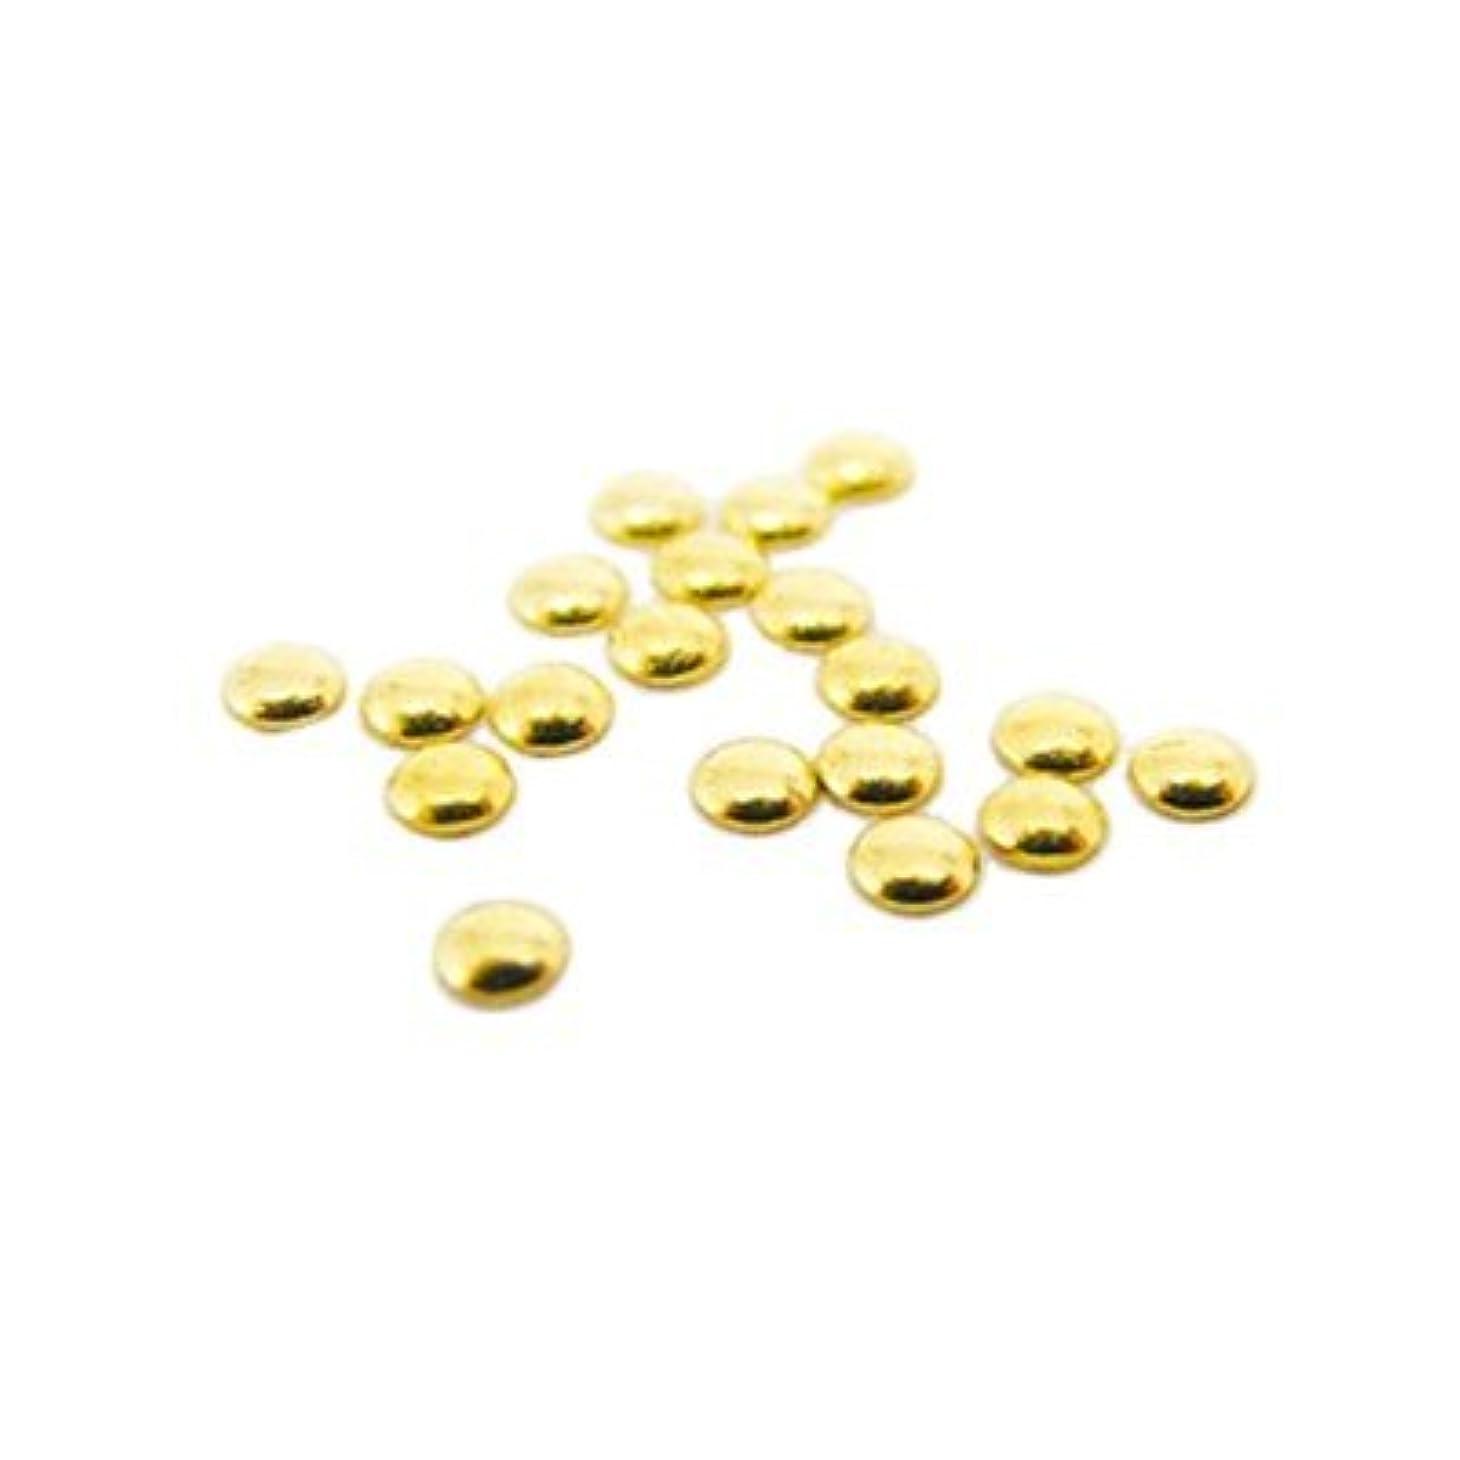 足音教会ロシアピアドラ スタッズ 1.2mm 100P ゴールド